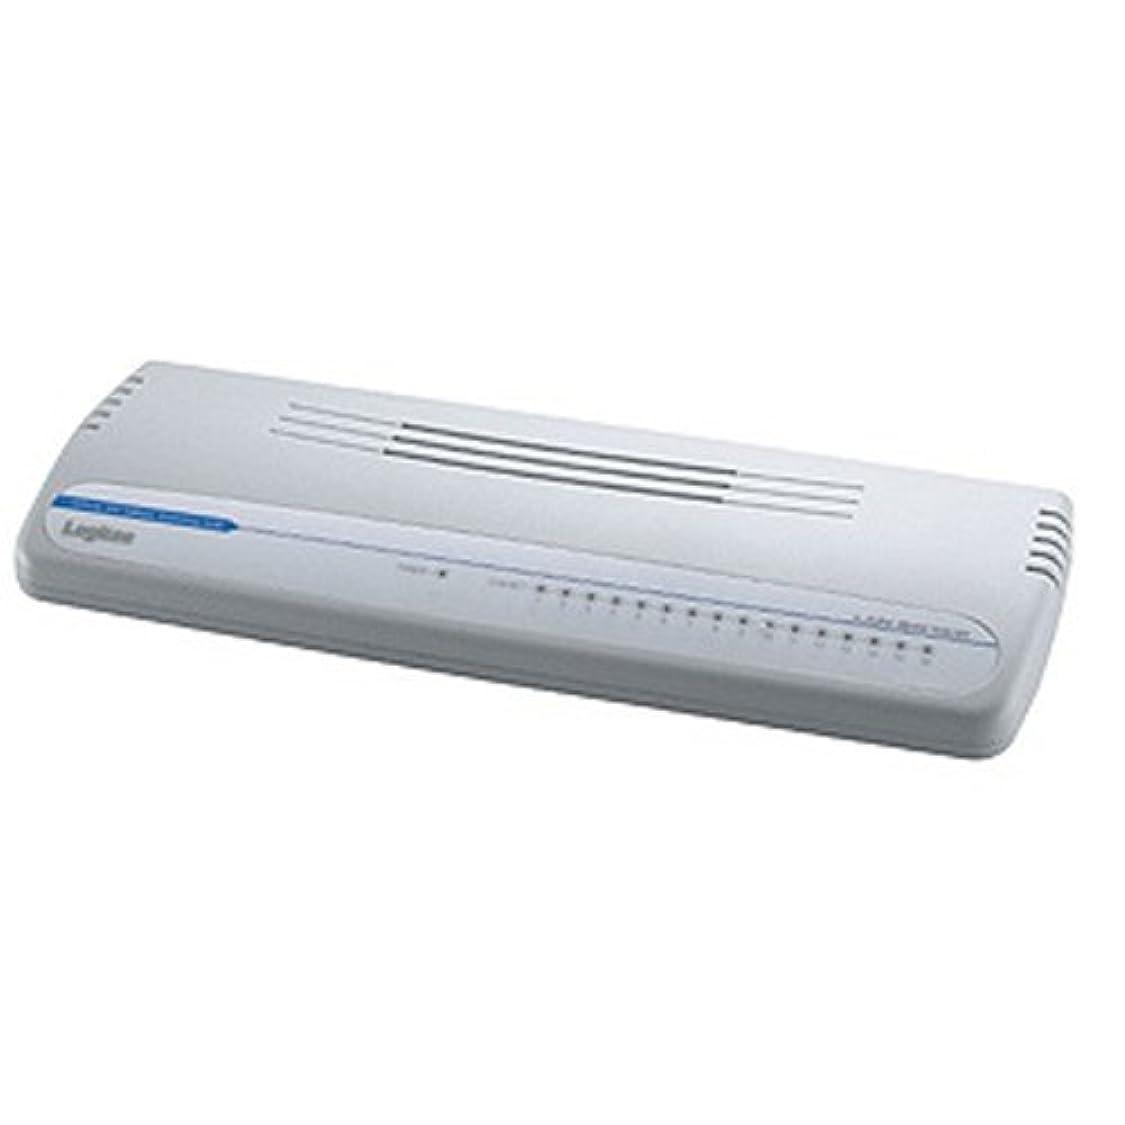 ヤギ繊毛スペクトラムロジテック 100BASE-TX対応16ポートスイッチングハブ LAN-SW16/P